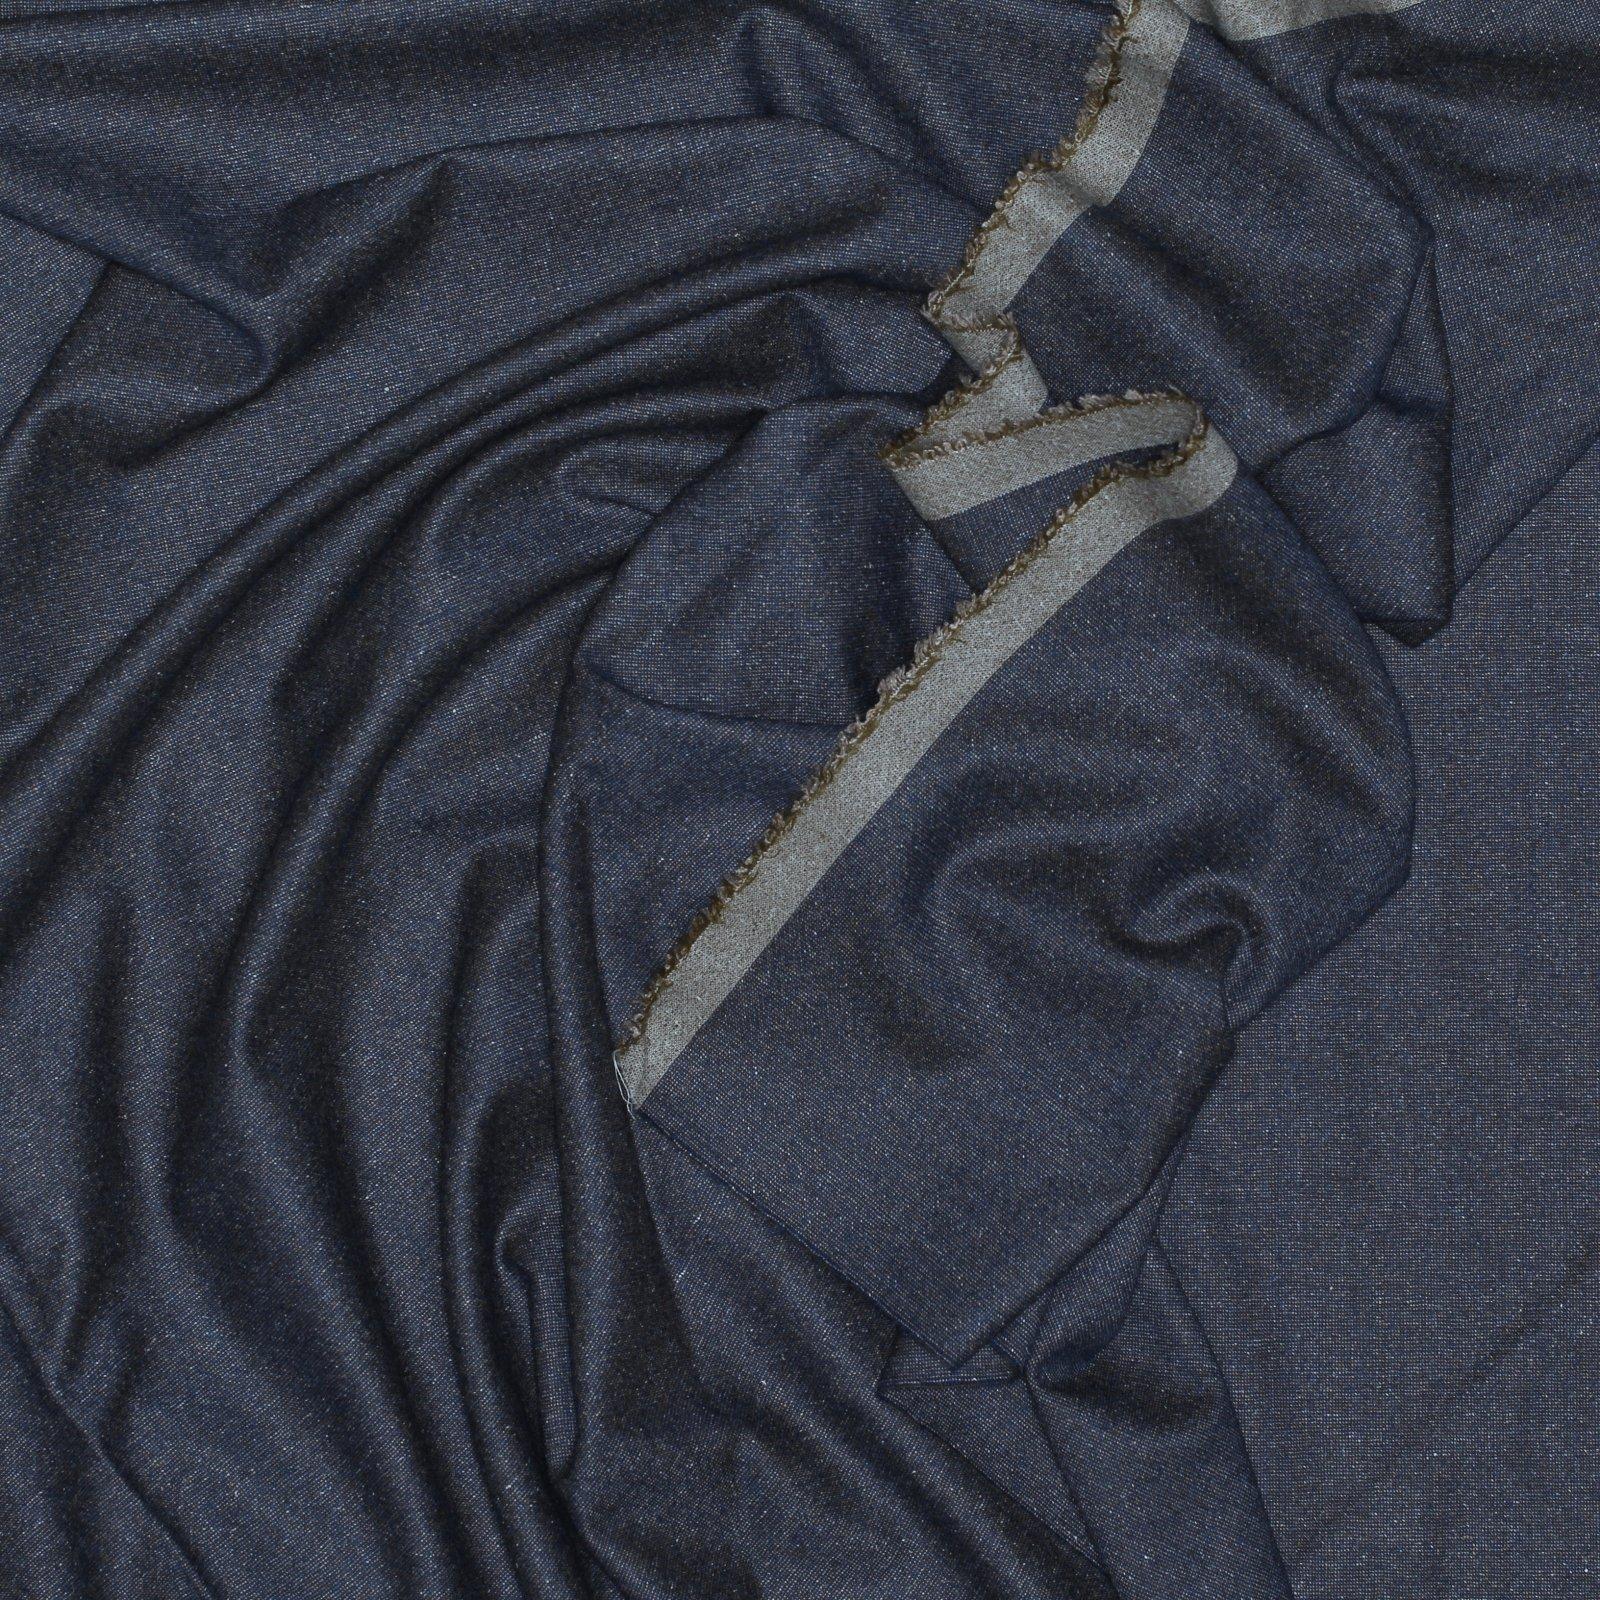 Soft Grey & Gold Flecked Italian Tweed Wool